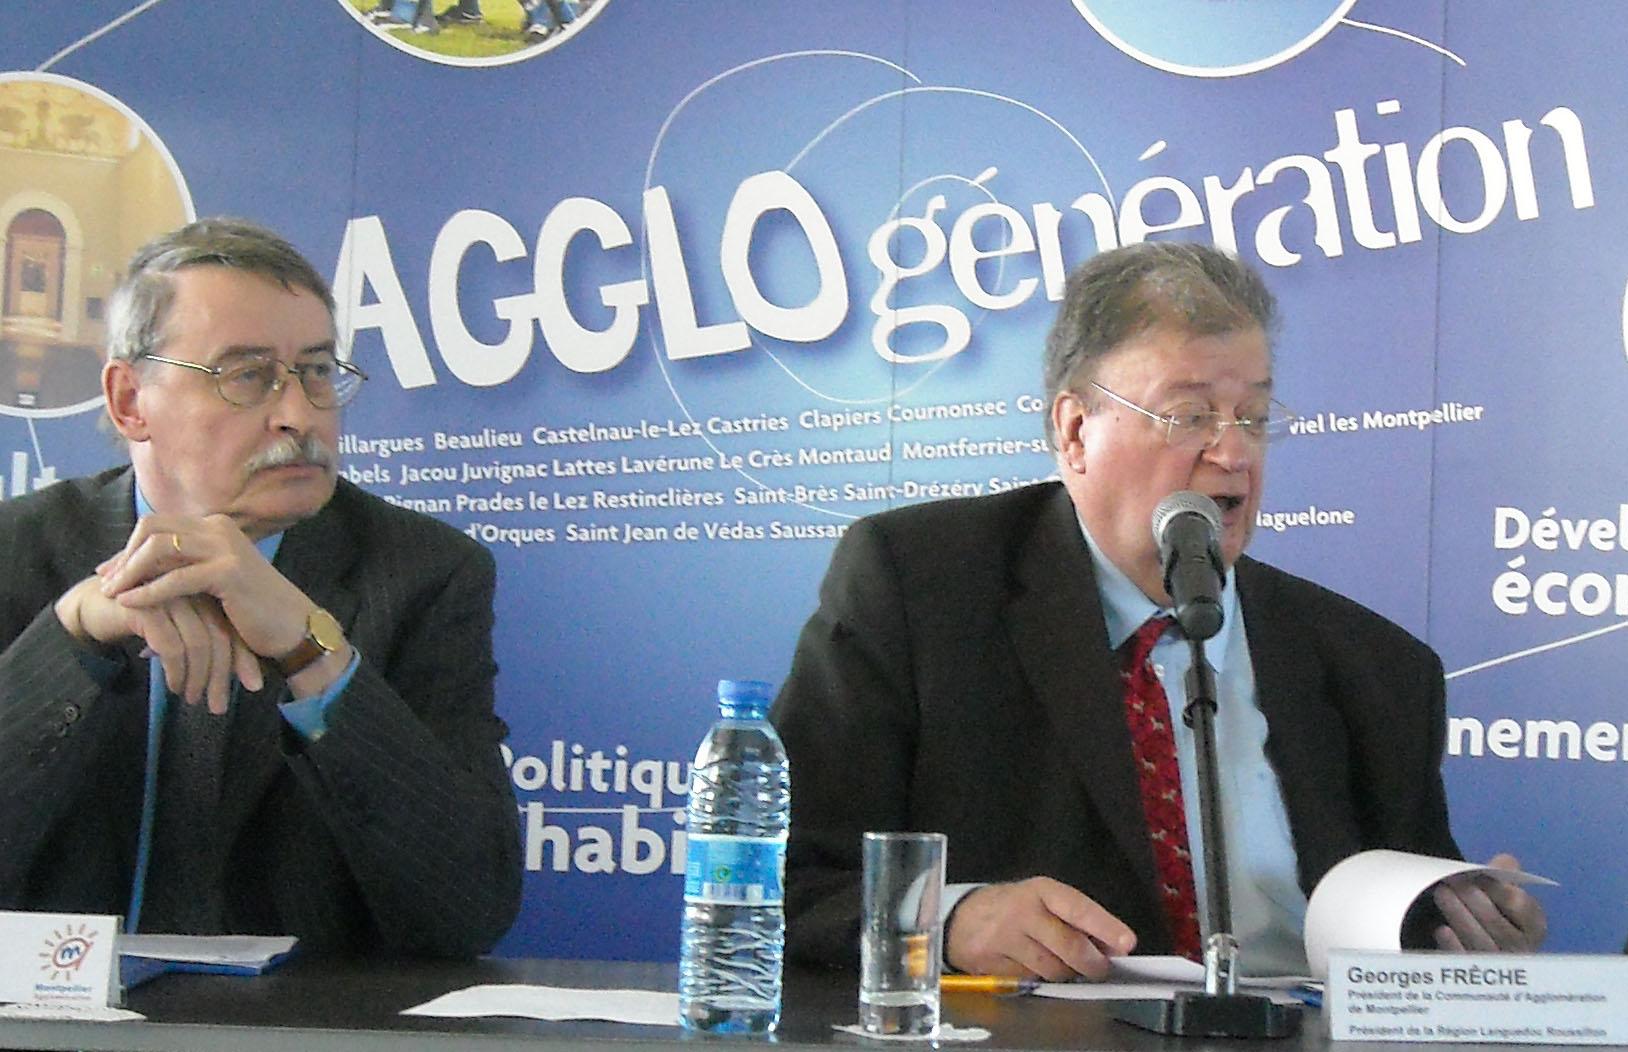 François Delacroix et Georges Frêche le 17 mars 2009 (photo : Mj)